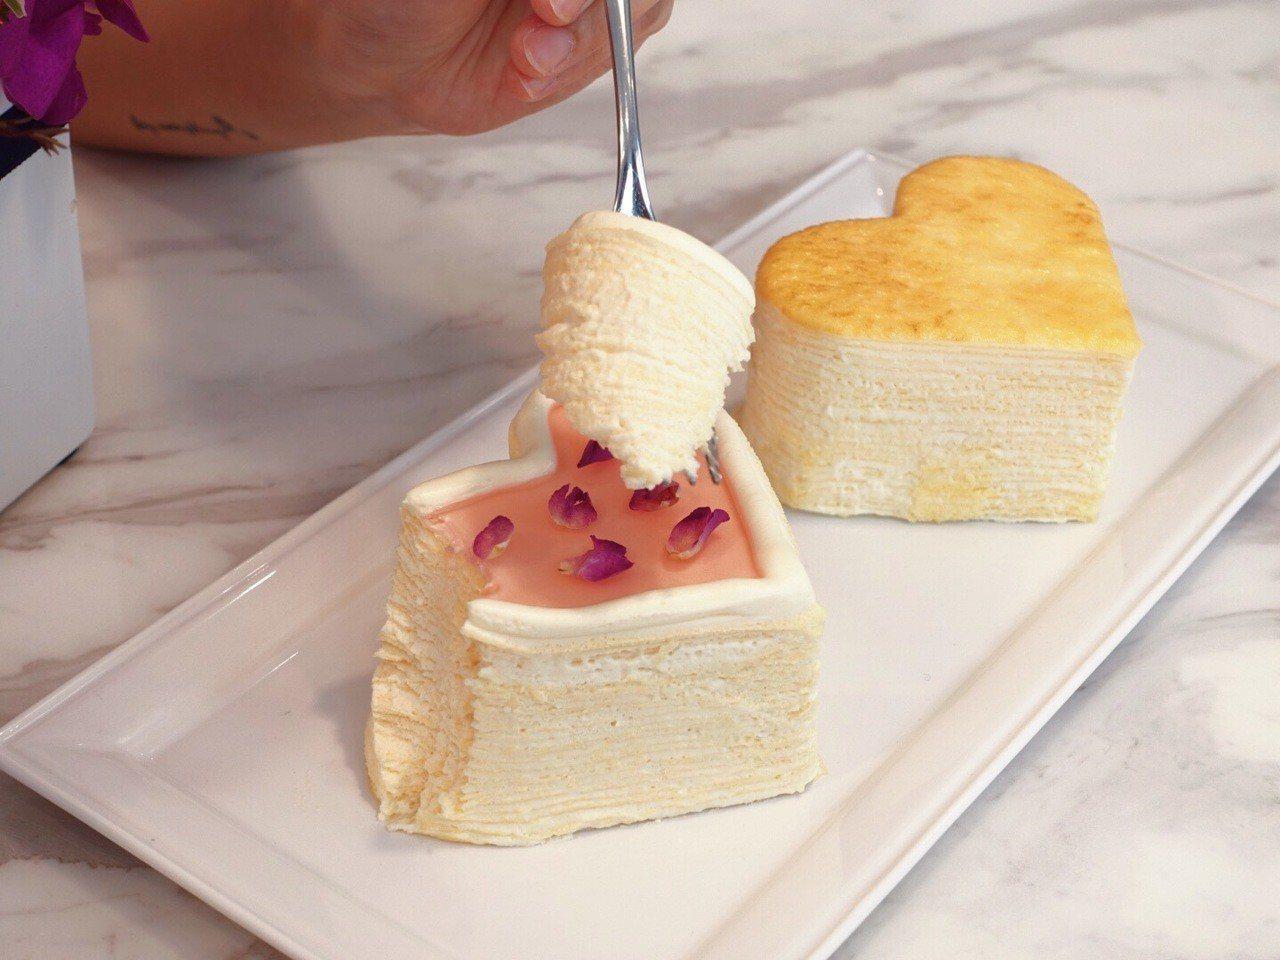 「經典原味千層蛋糕」、「玫瑰千層蛋糕」化為愛心形狀,情人節限定。記者張芳瑜/攝影